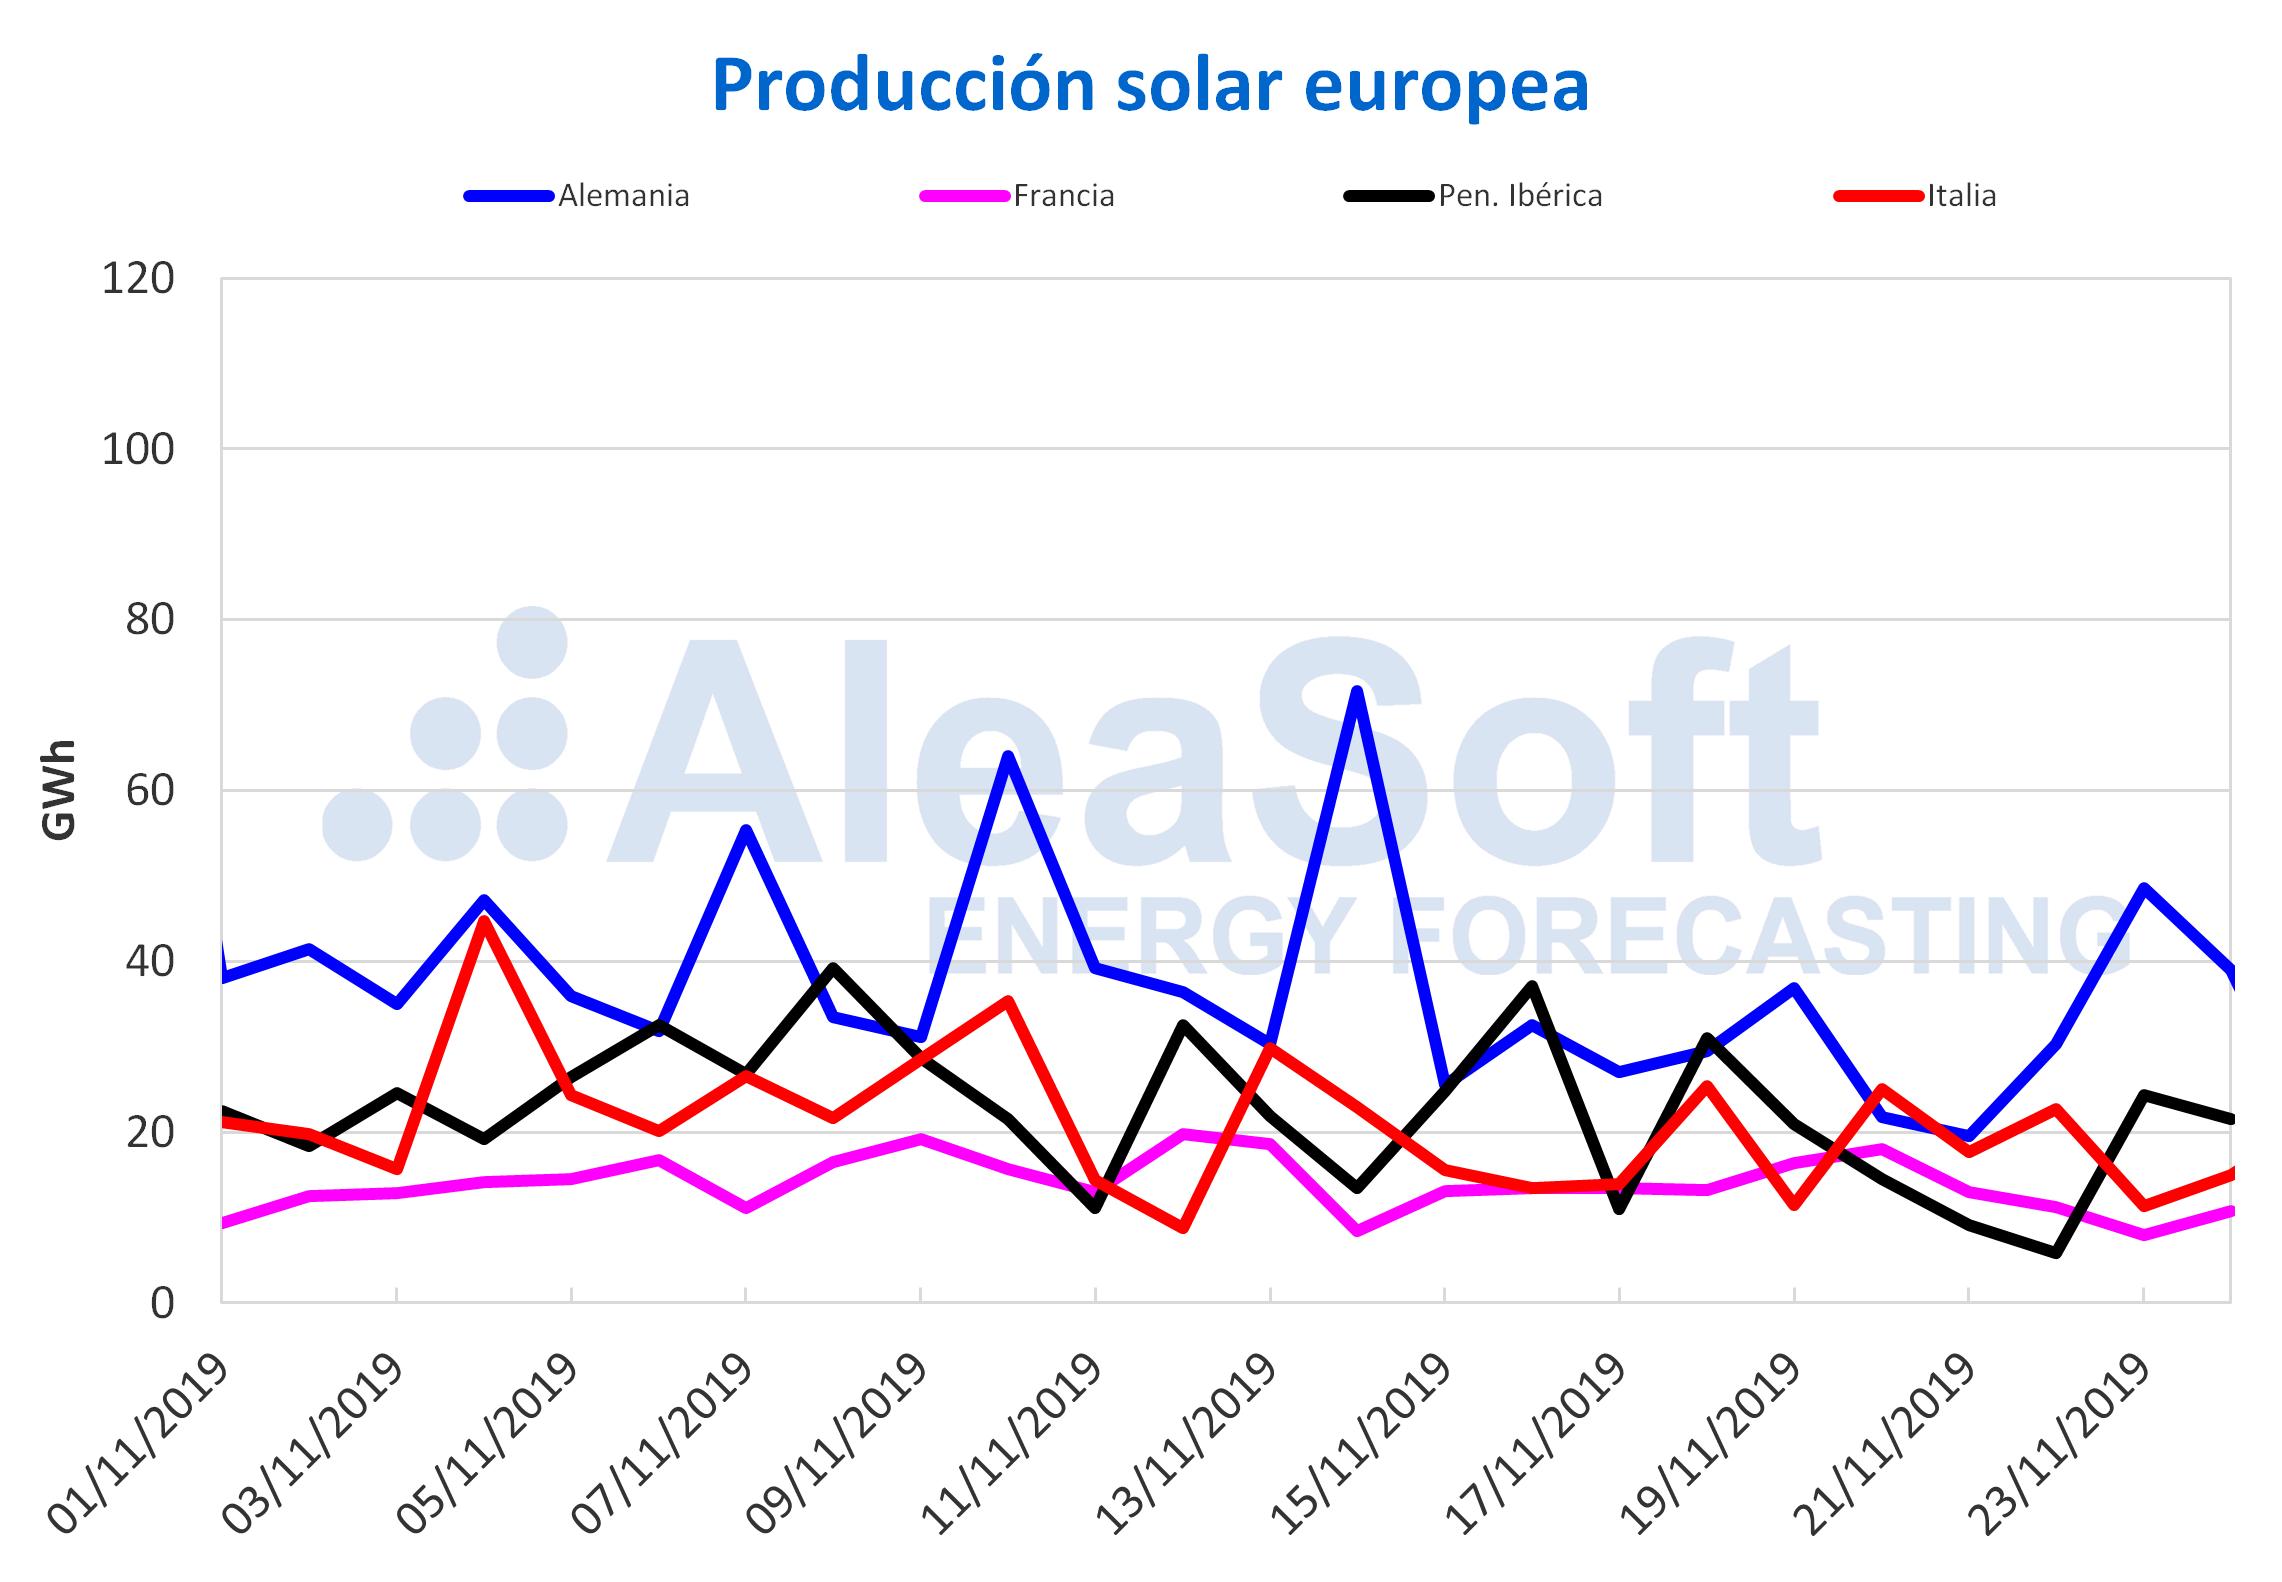 AleaSoft - Producción solar- termosolar electricidad Europa